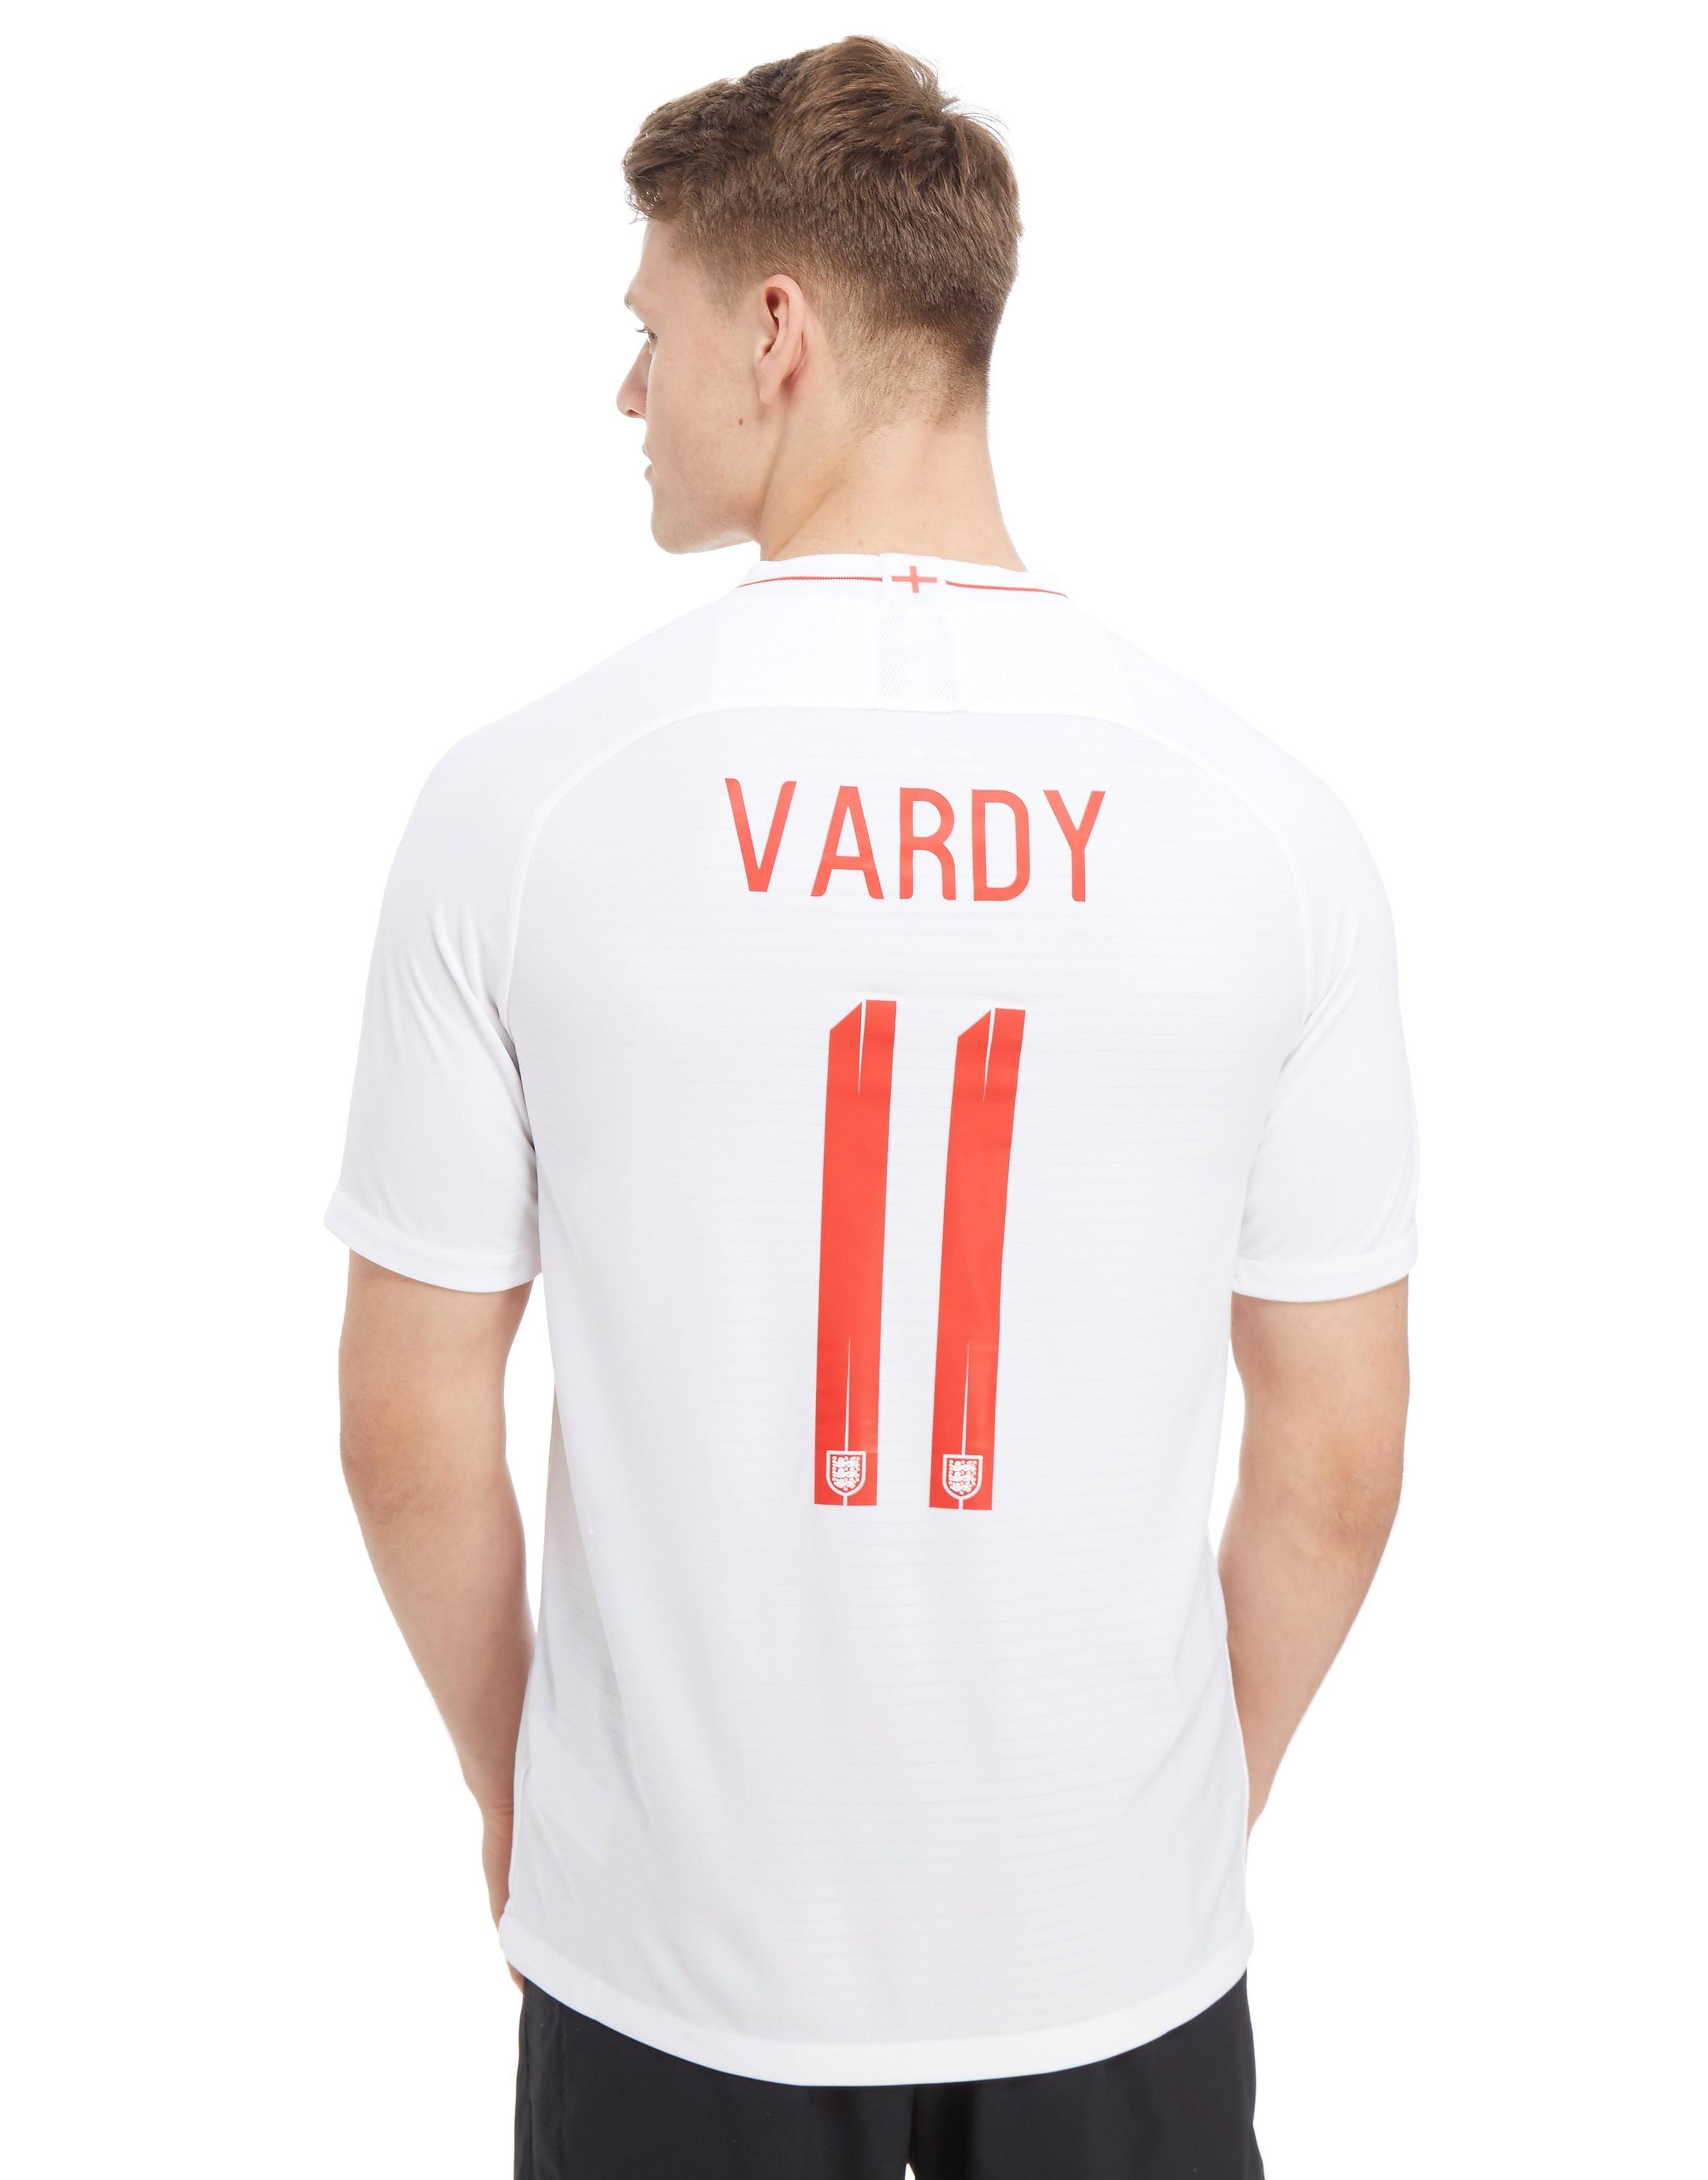 Nike England 2018 Vardy #11 Home Shirt